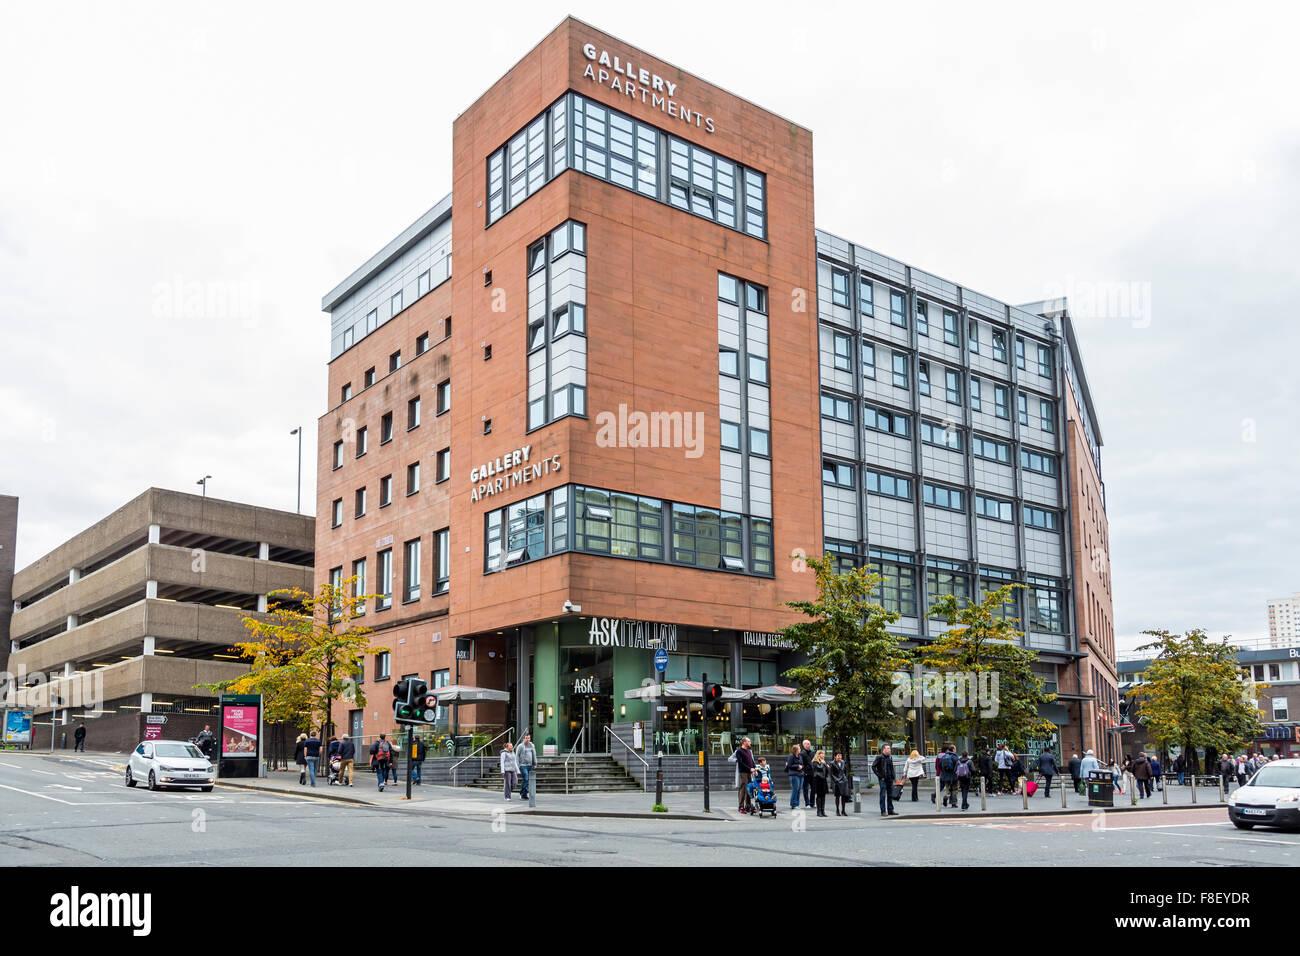 Gallery Apartments chambres d'étudiants dans le centre-ville de Glasgow, Écosse, Royaume-Uni Banque D'Images